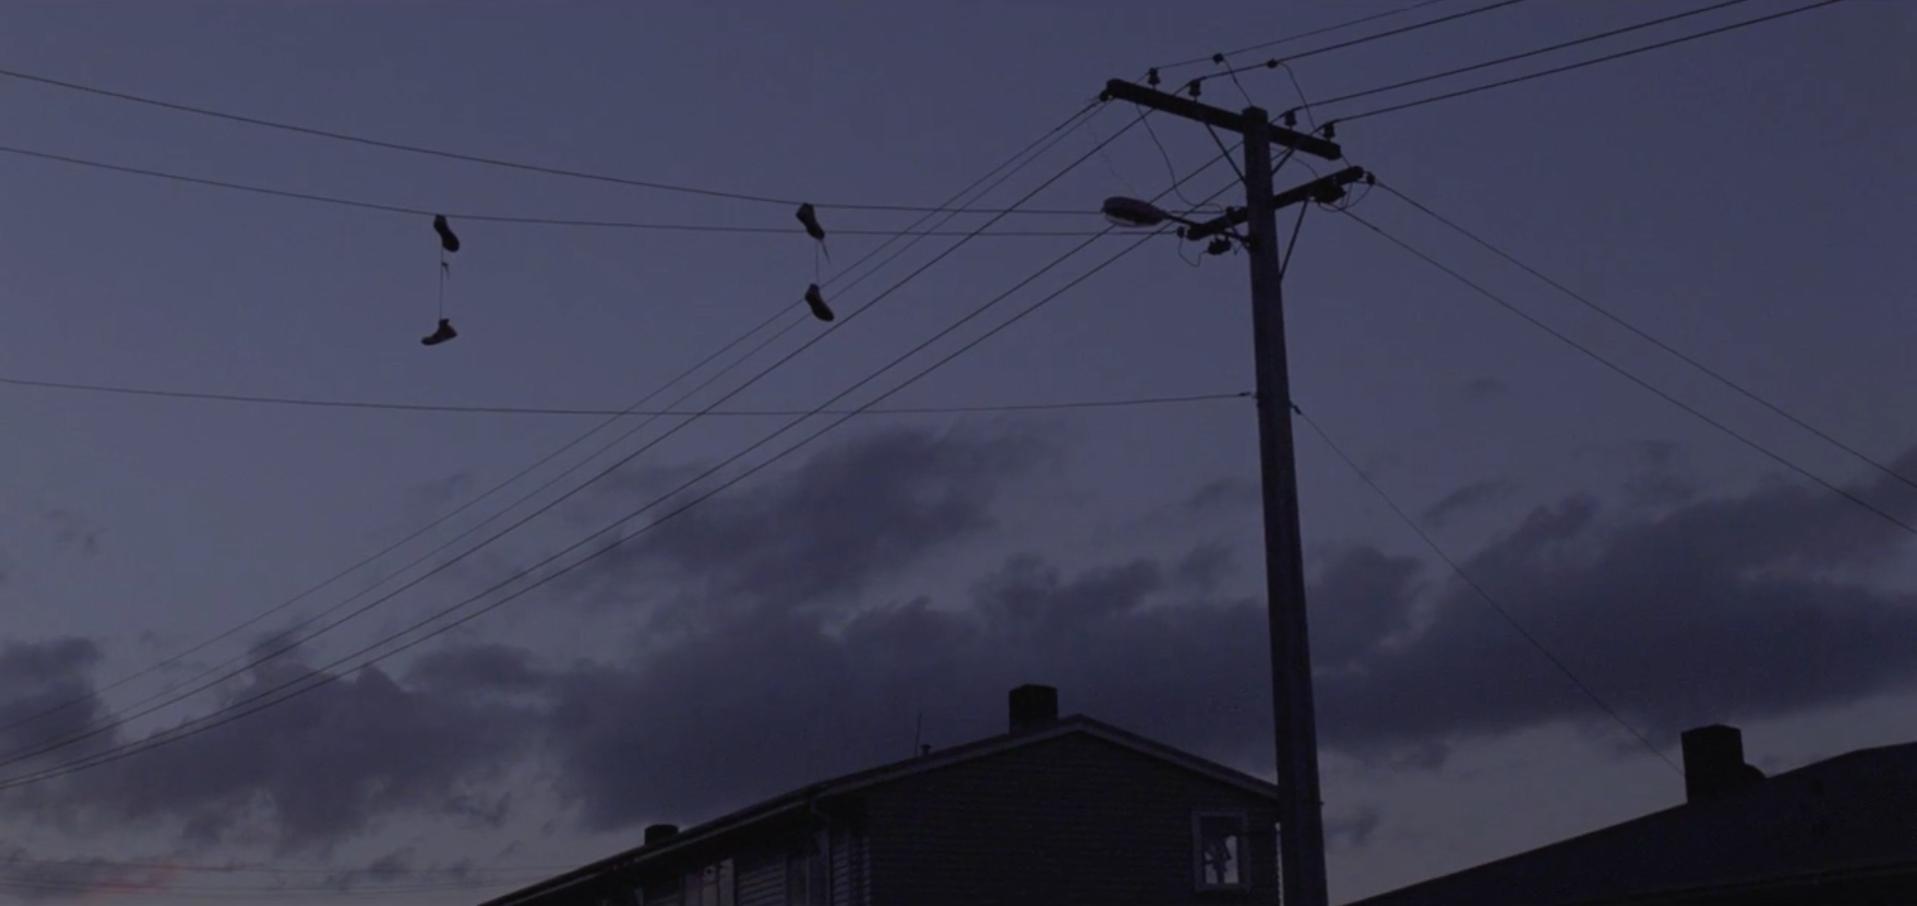 Screen Shot 2014-10-28 at 11.04.10 am.png